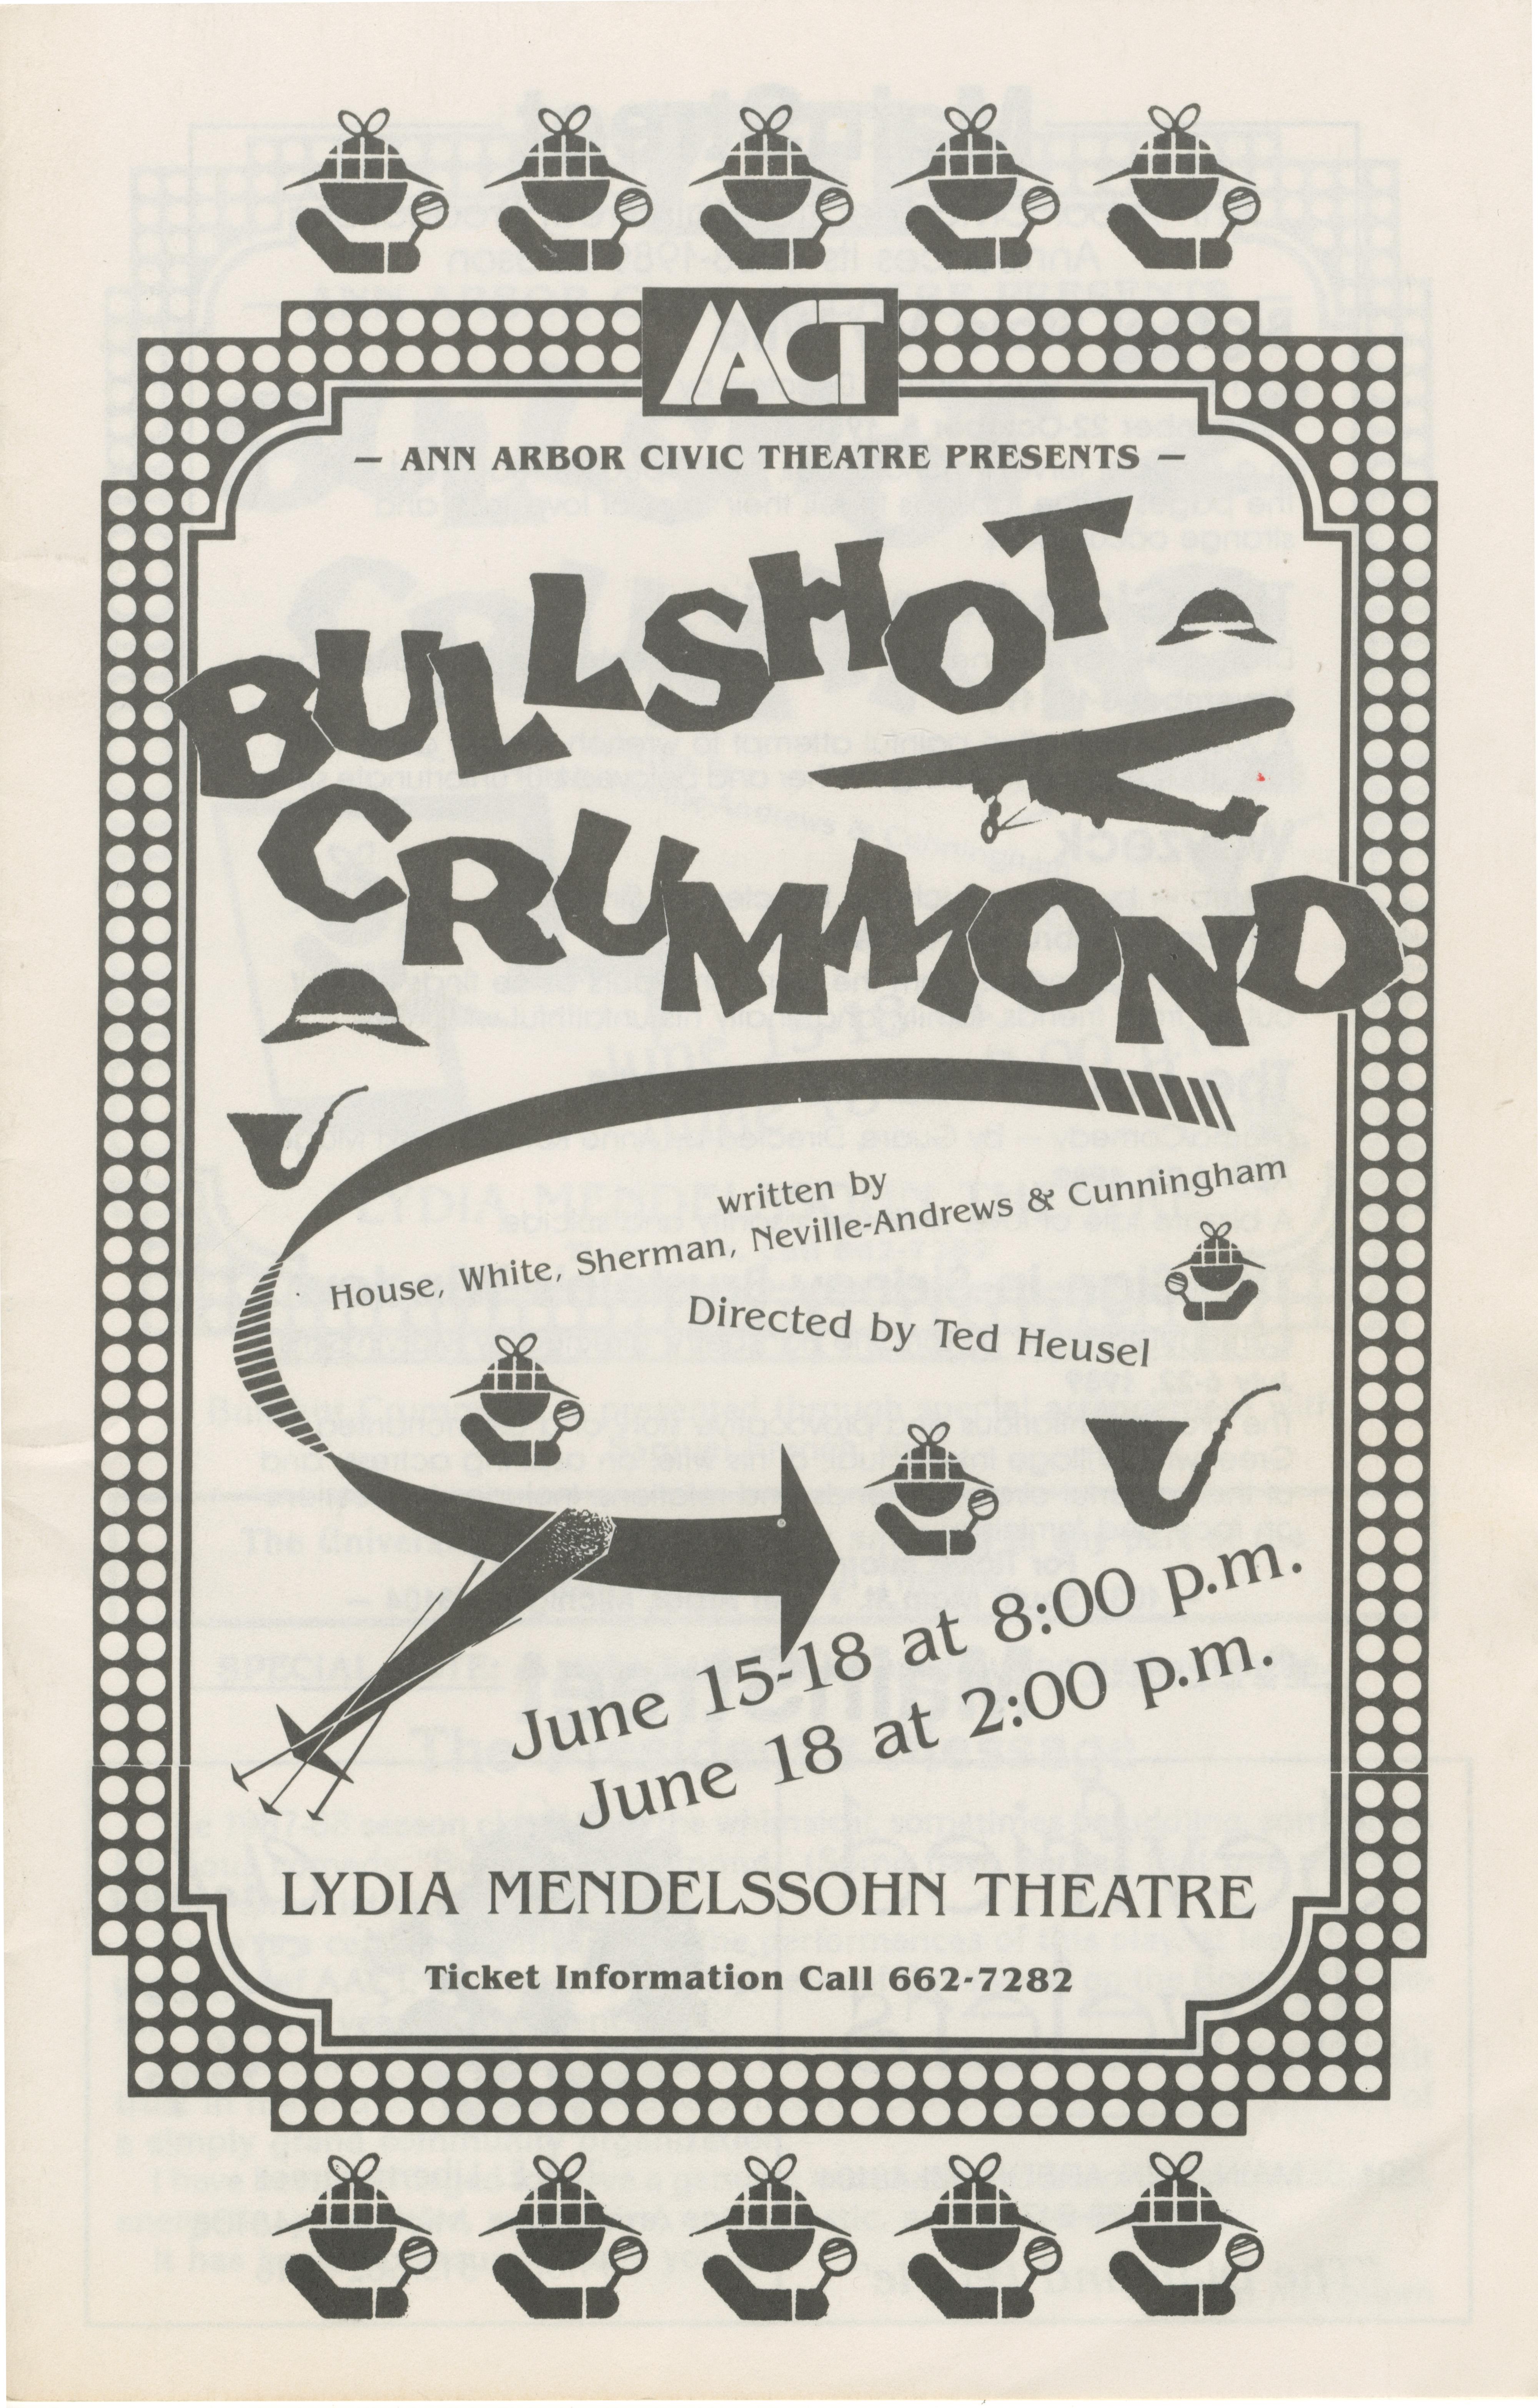 ann arbor civic theatre program bullshot crummond  ann arbor civic theatre program bullshot crummond 15 1988